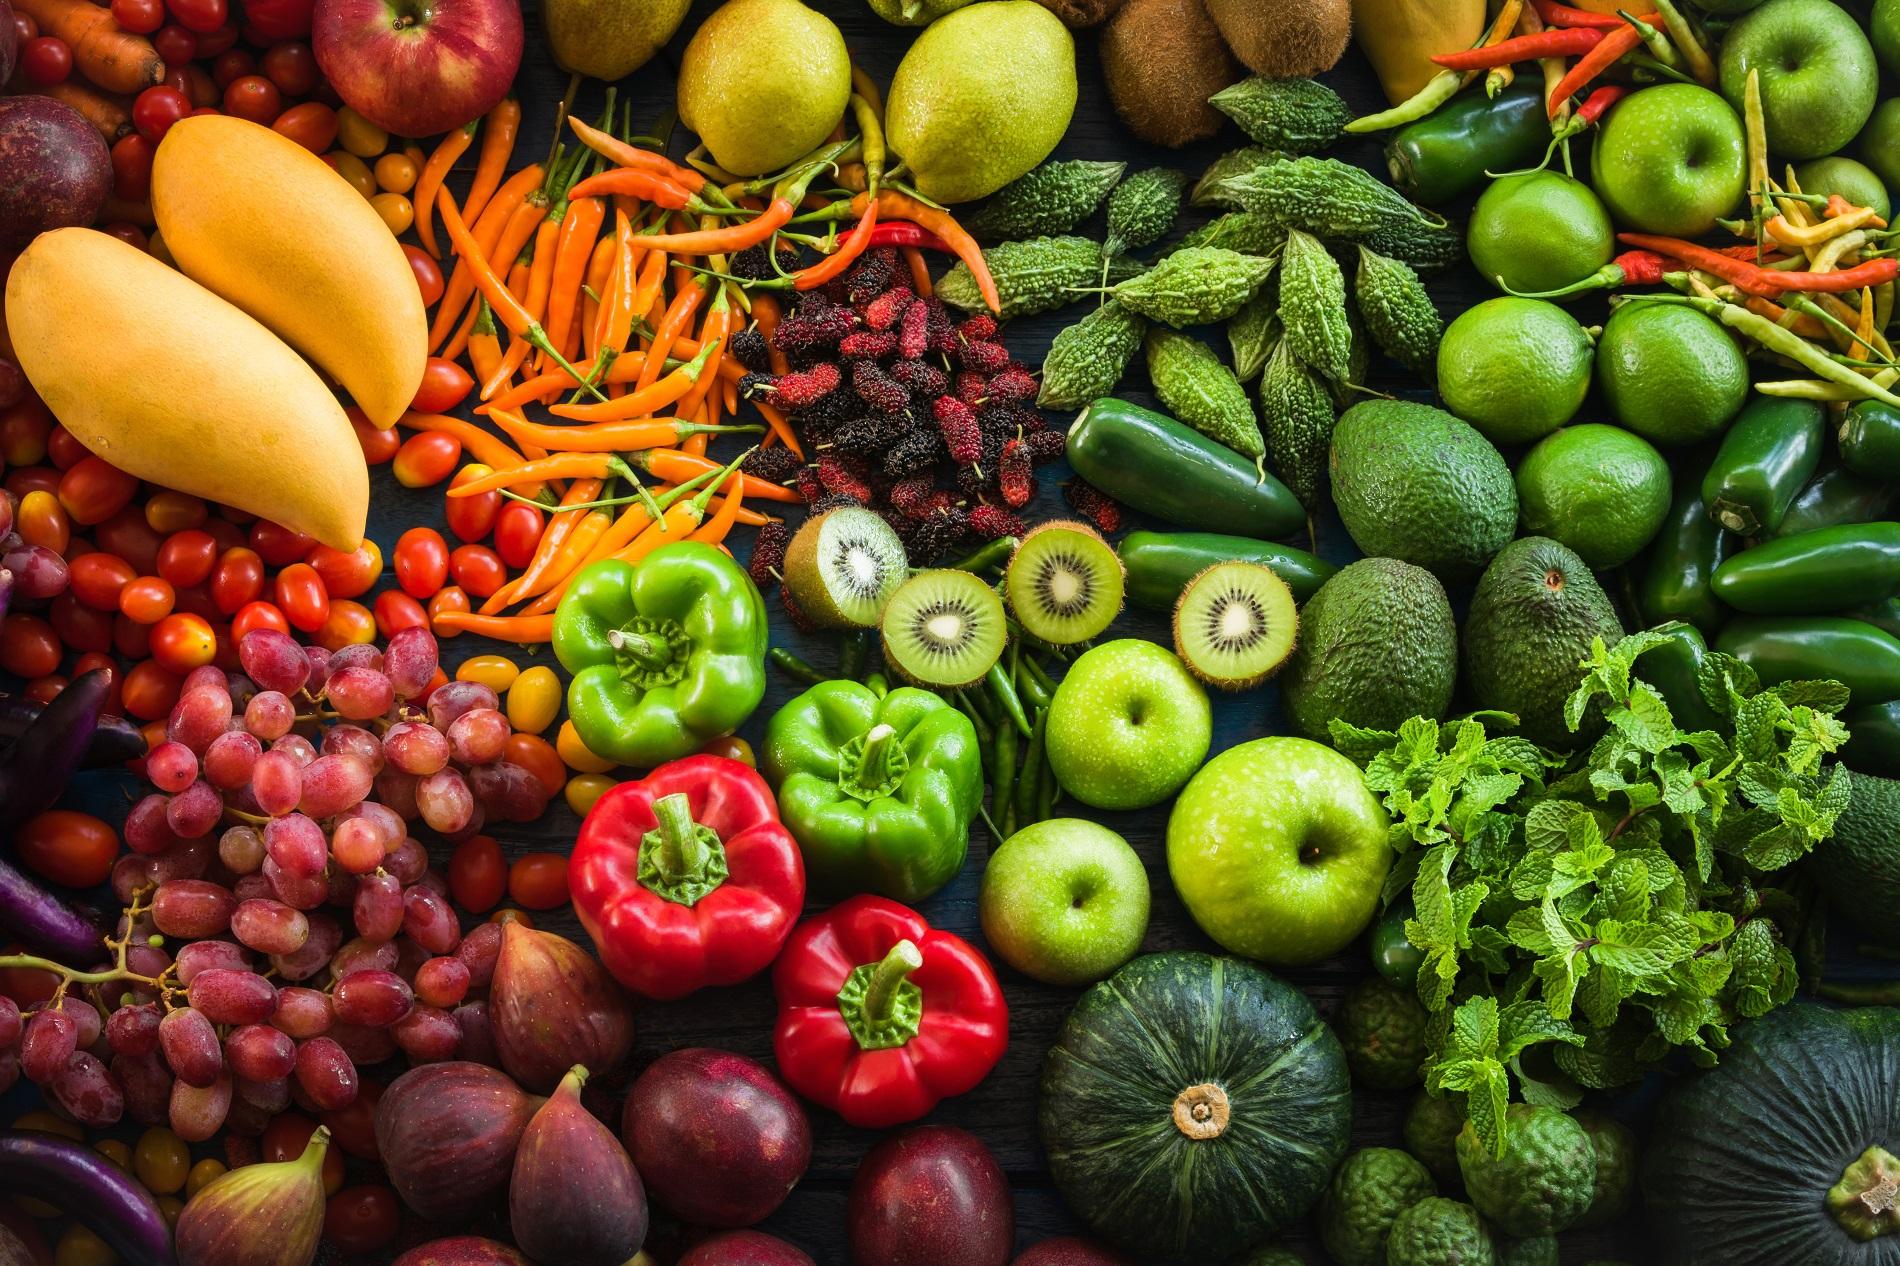 Especies vegetales: ¿Conoces las diferencias entre verduras, hortalizas, legumbres o frutas?